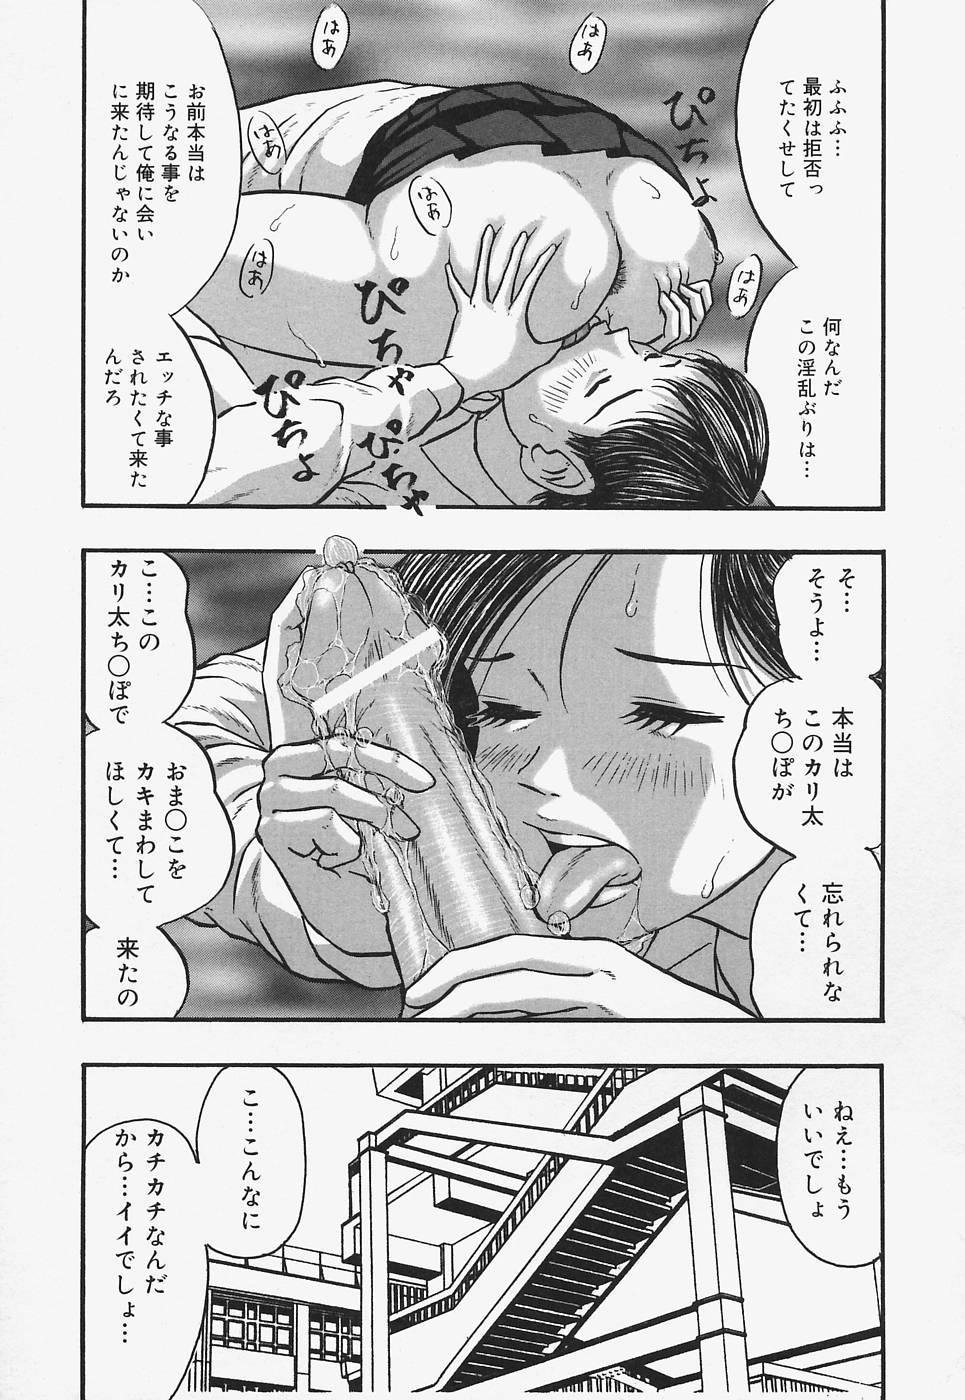 Nurunuru Syoujyo Jiru 92